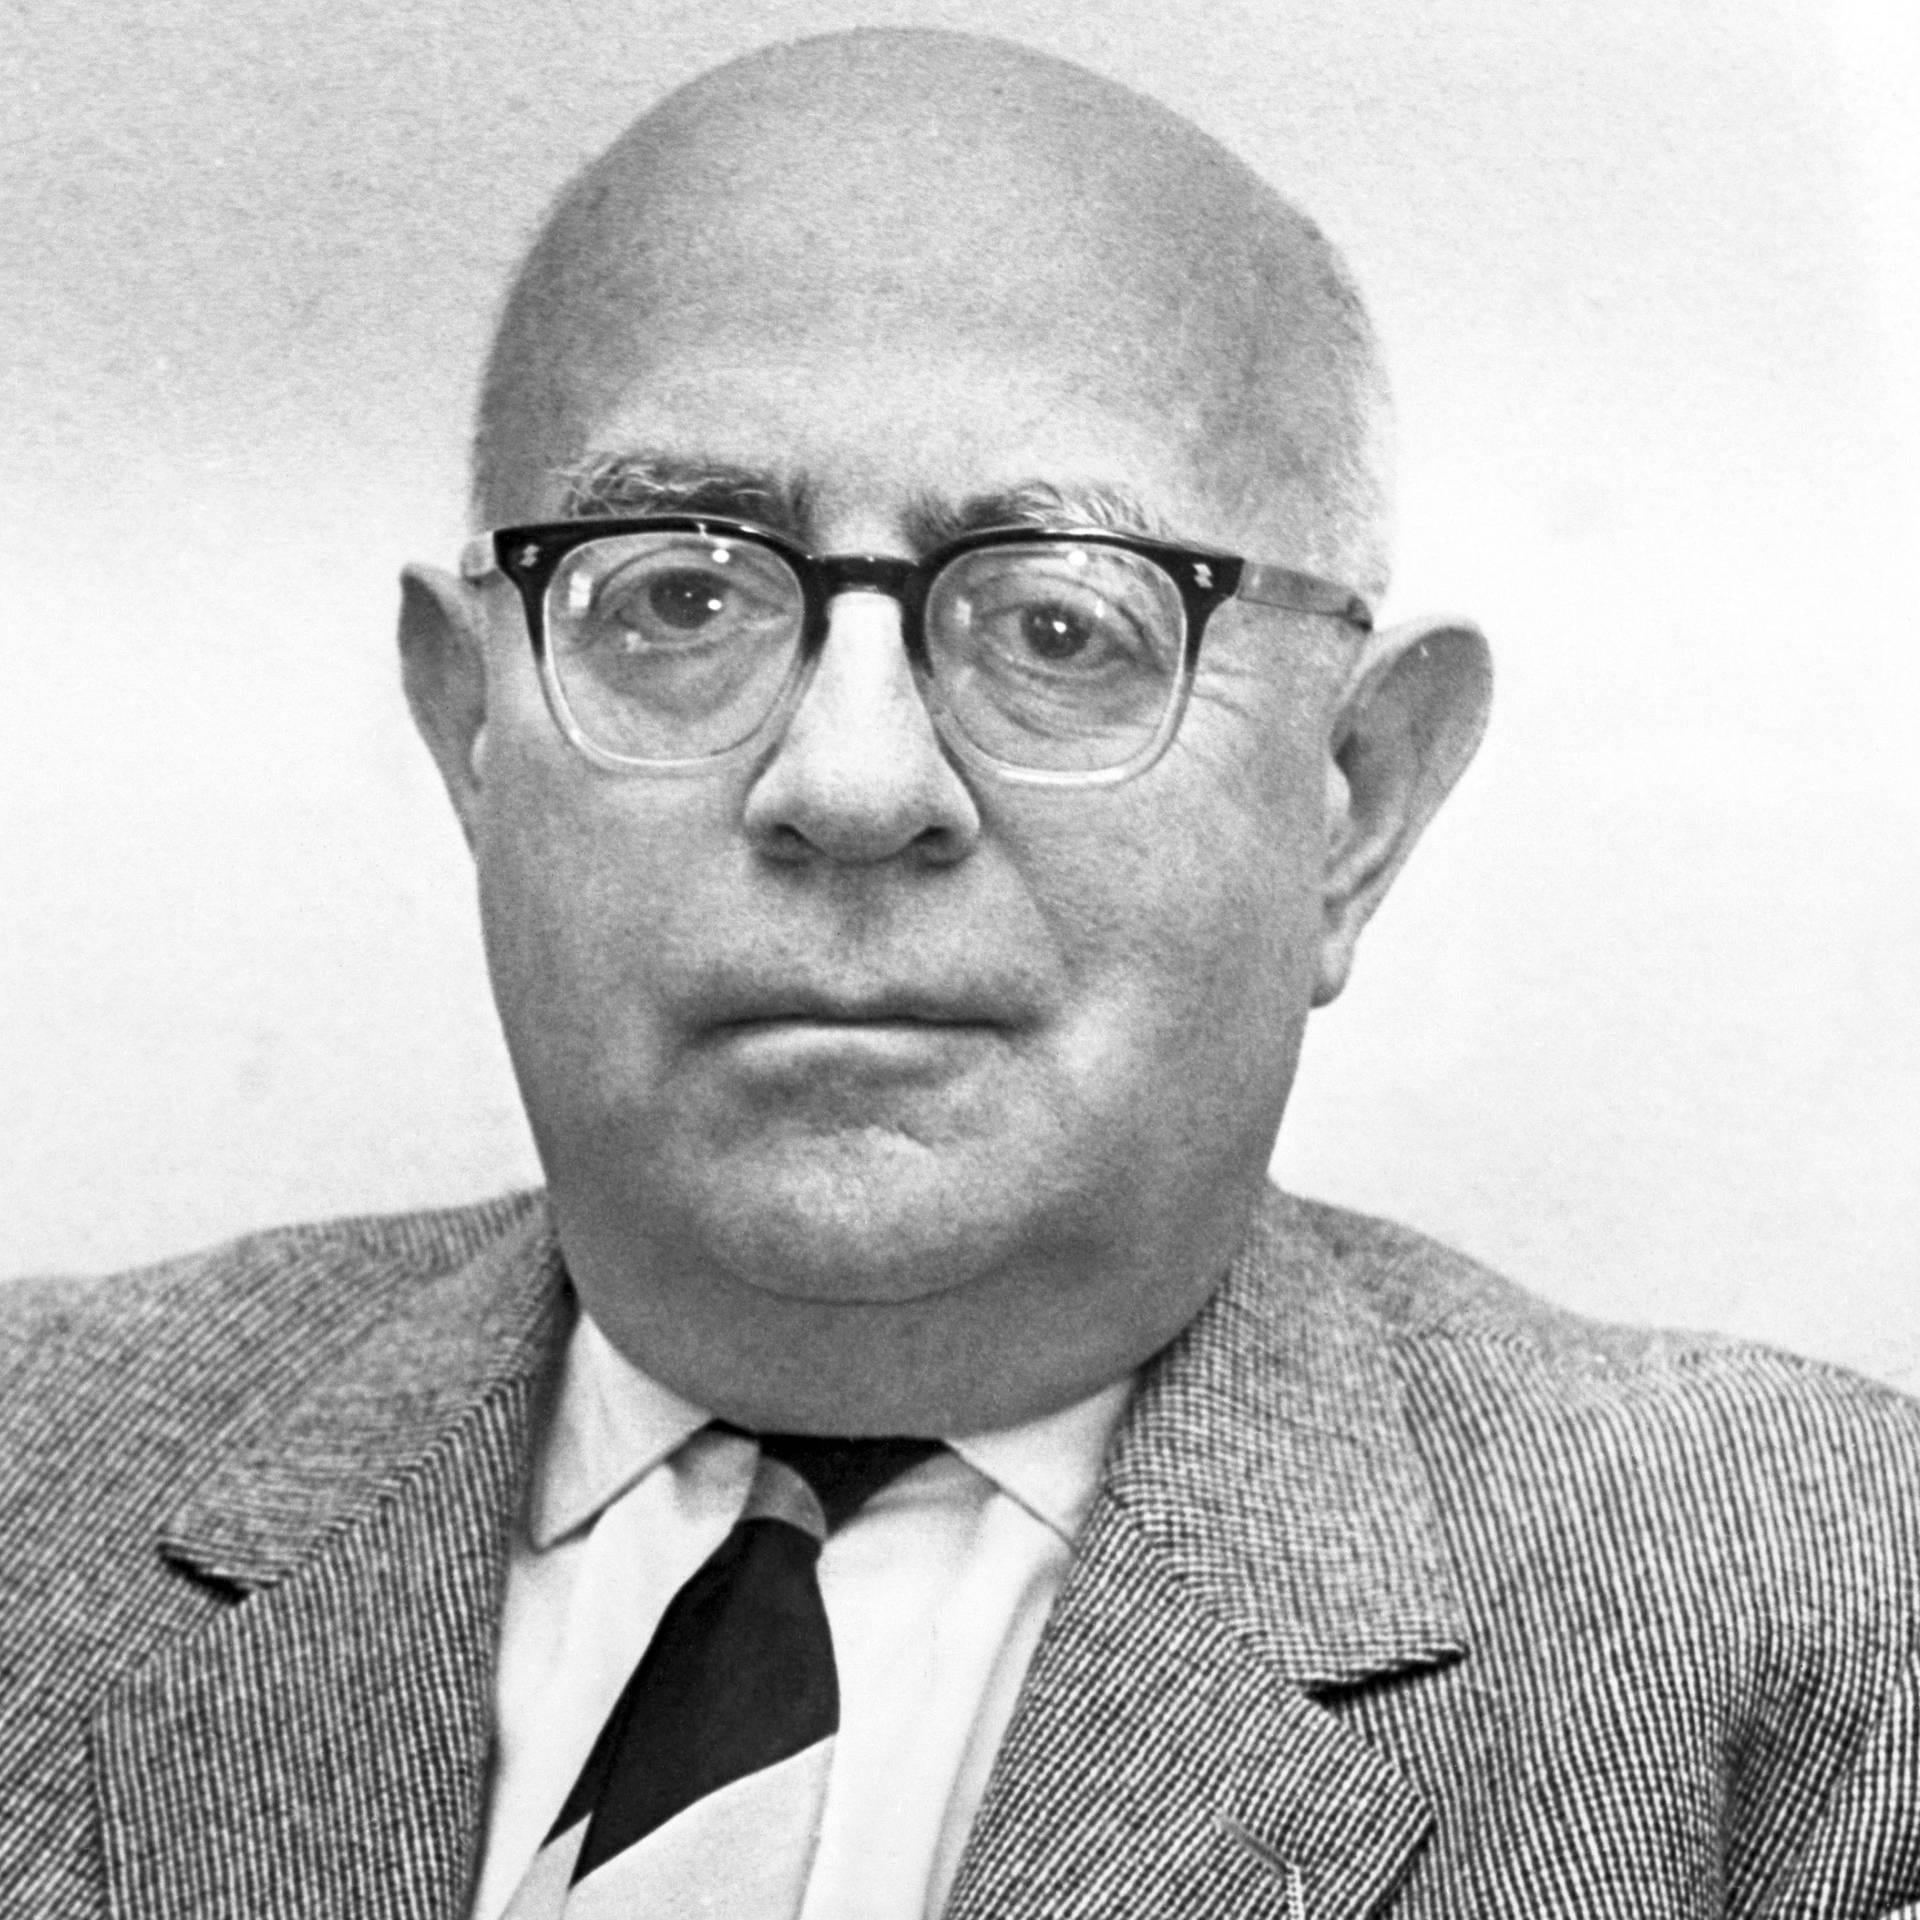 Zum 50. Todestag Adornos - Philosophie-Titan?